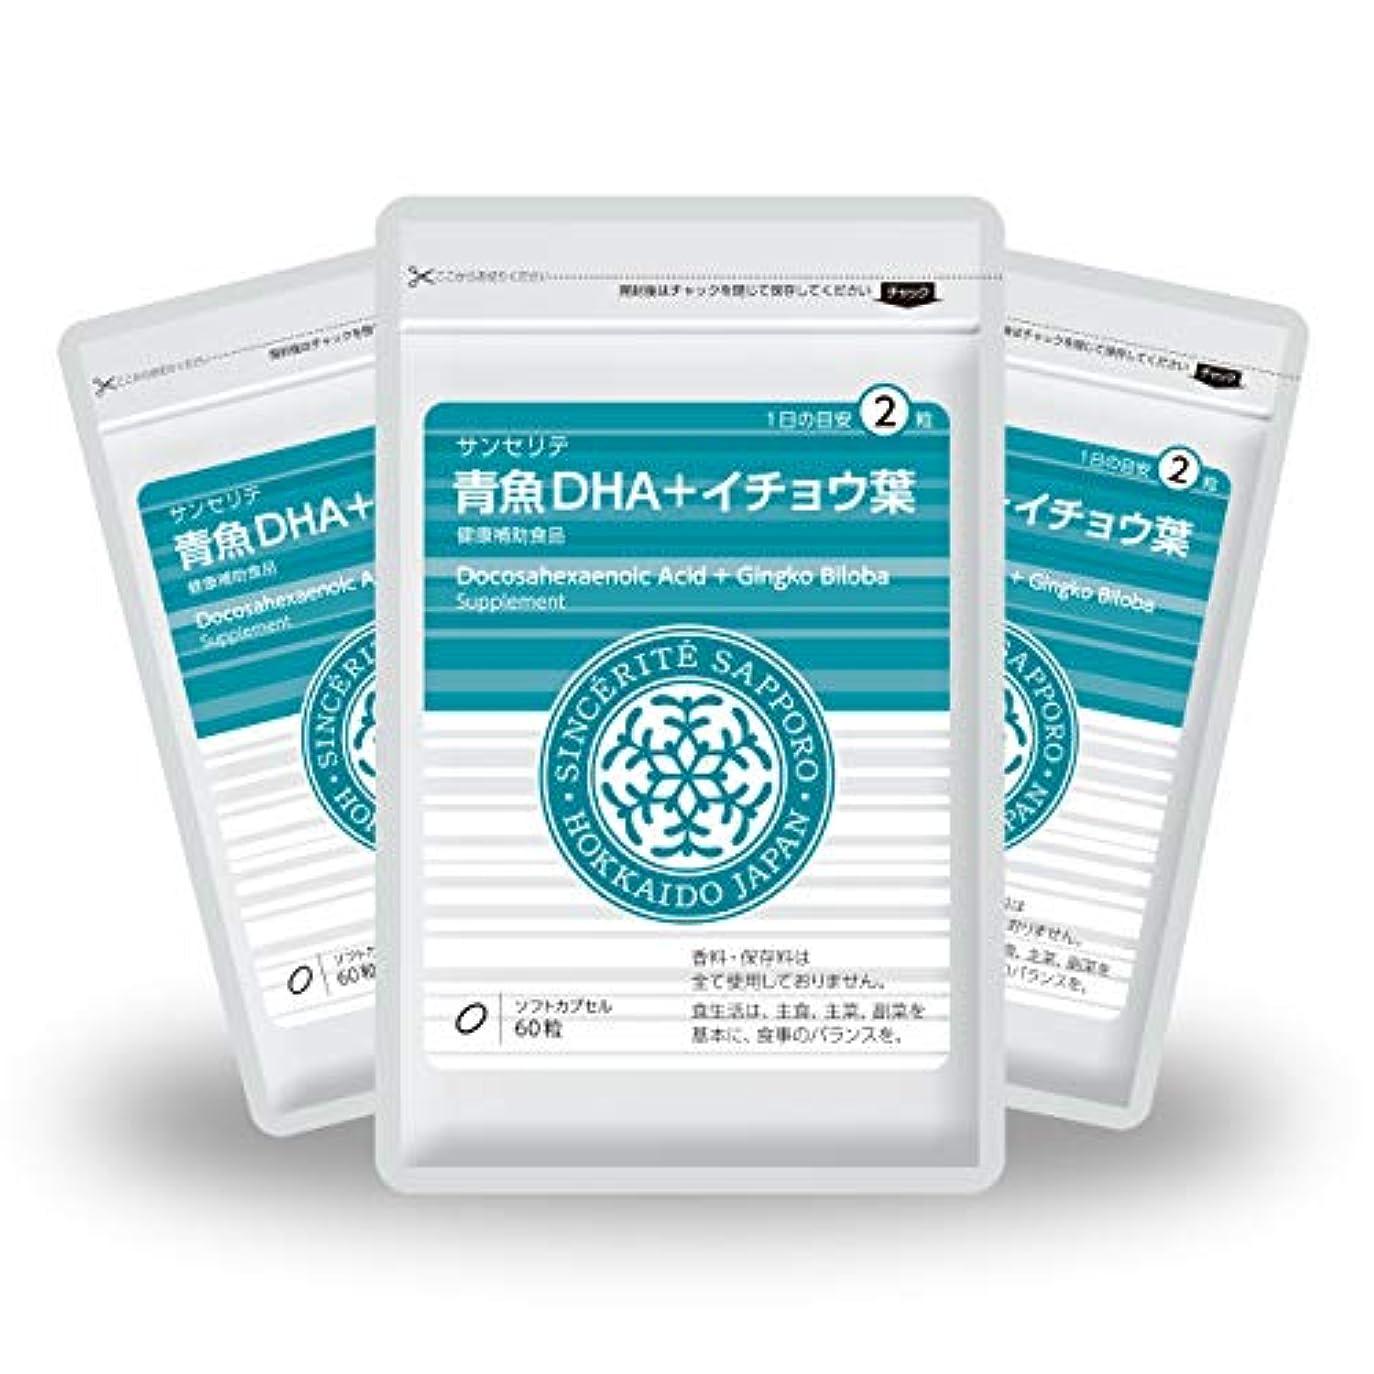 槍びっくりする慣らす青魚DHA+イチョウ葉 3袋セット[送料無料][DHA]101mg配合[国内製造]お得な90日分